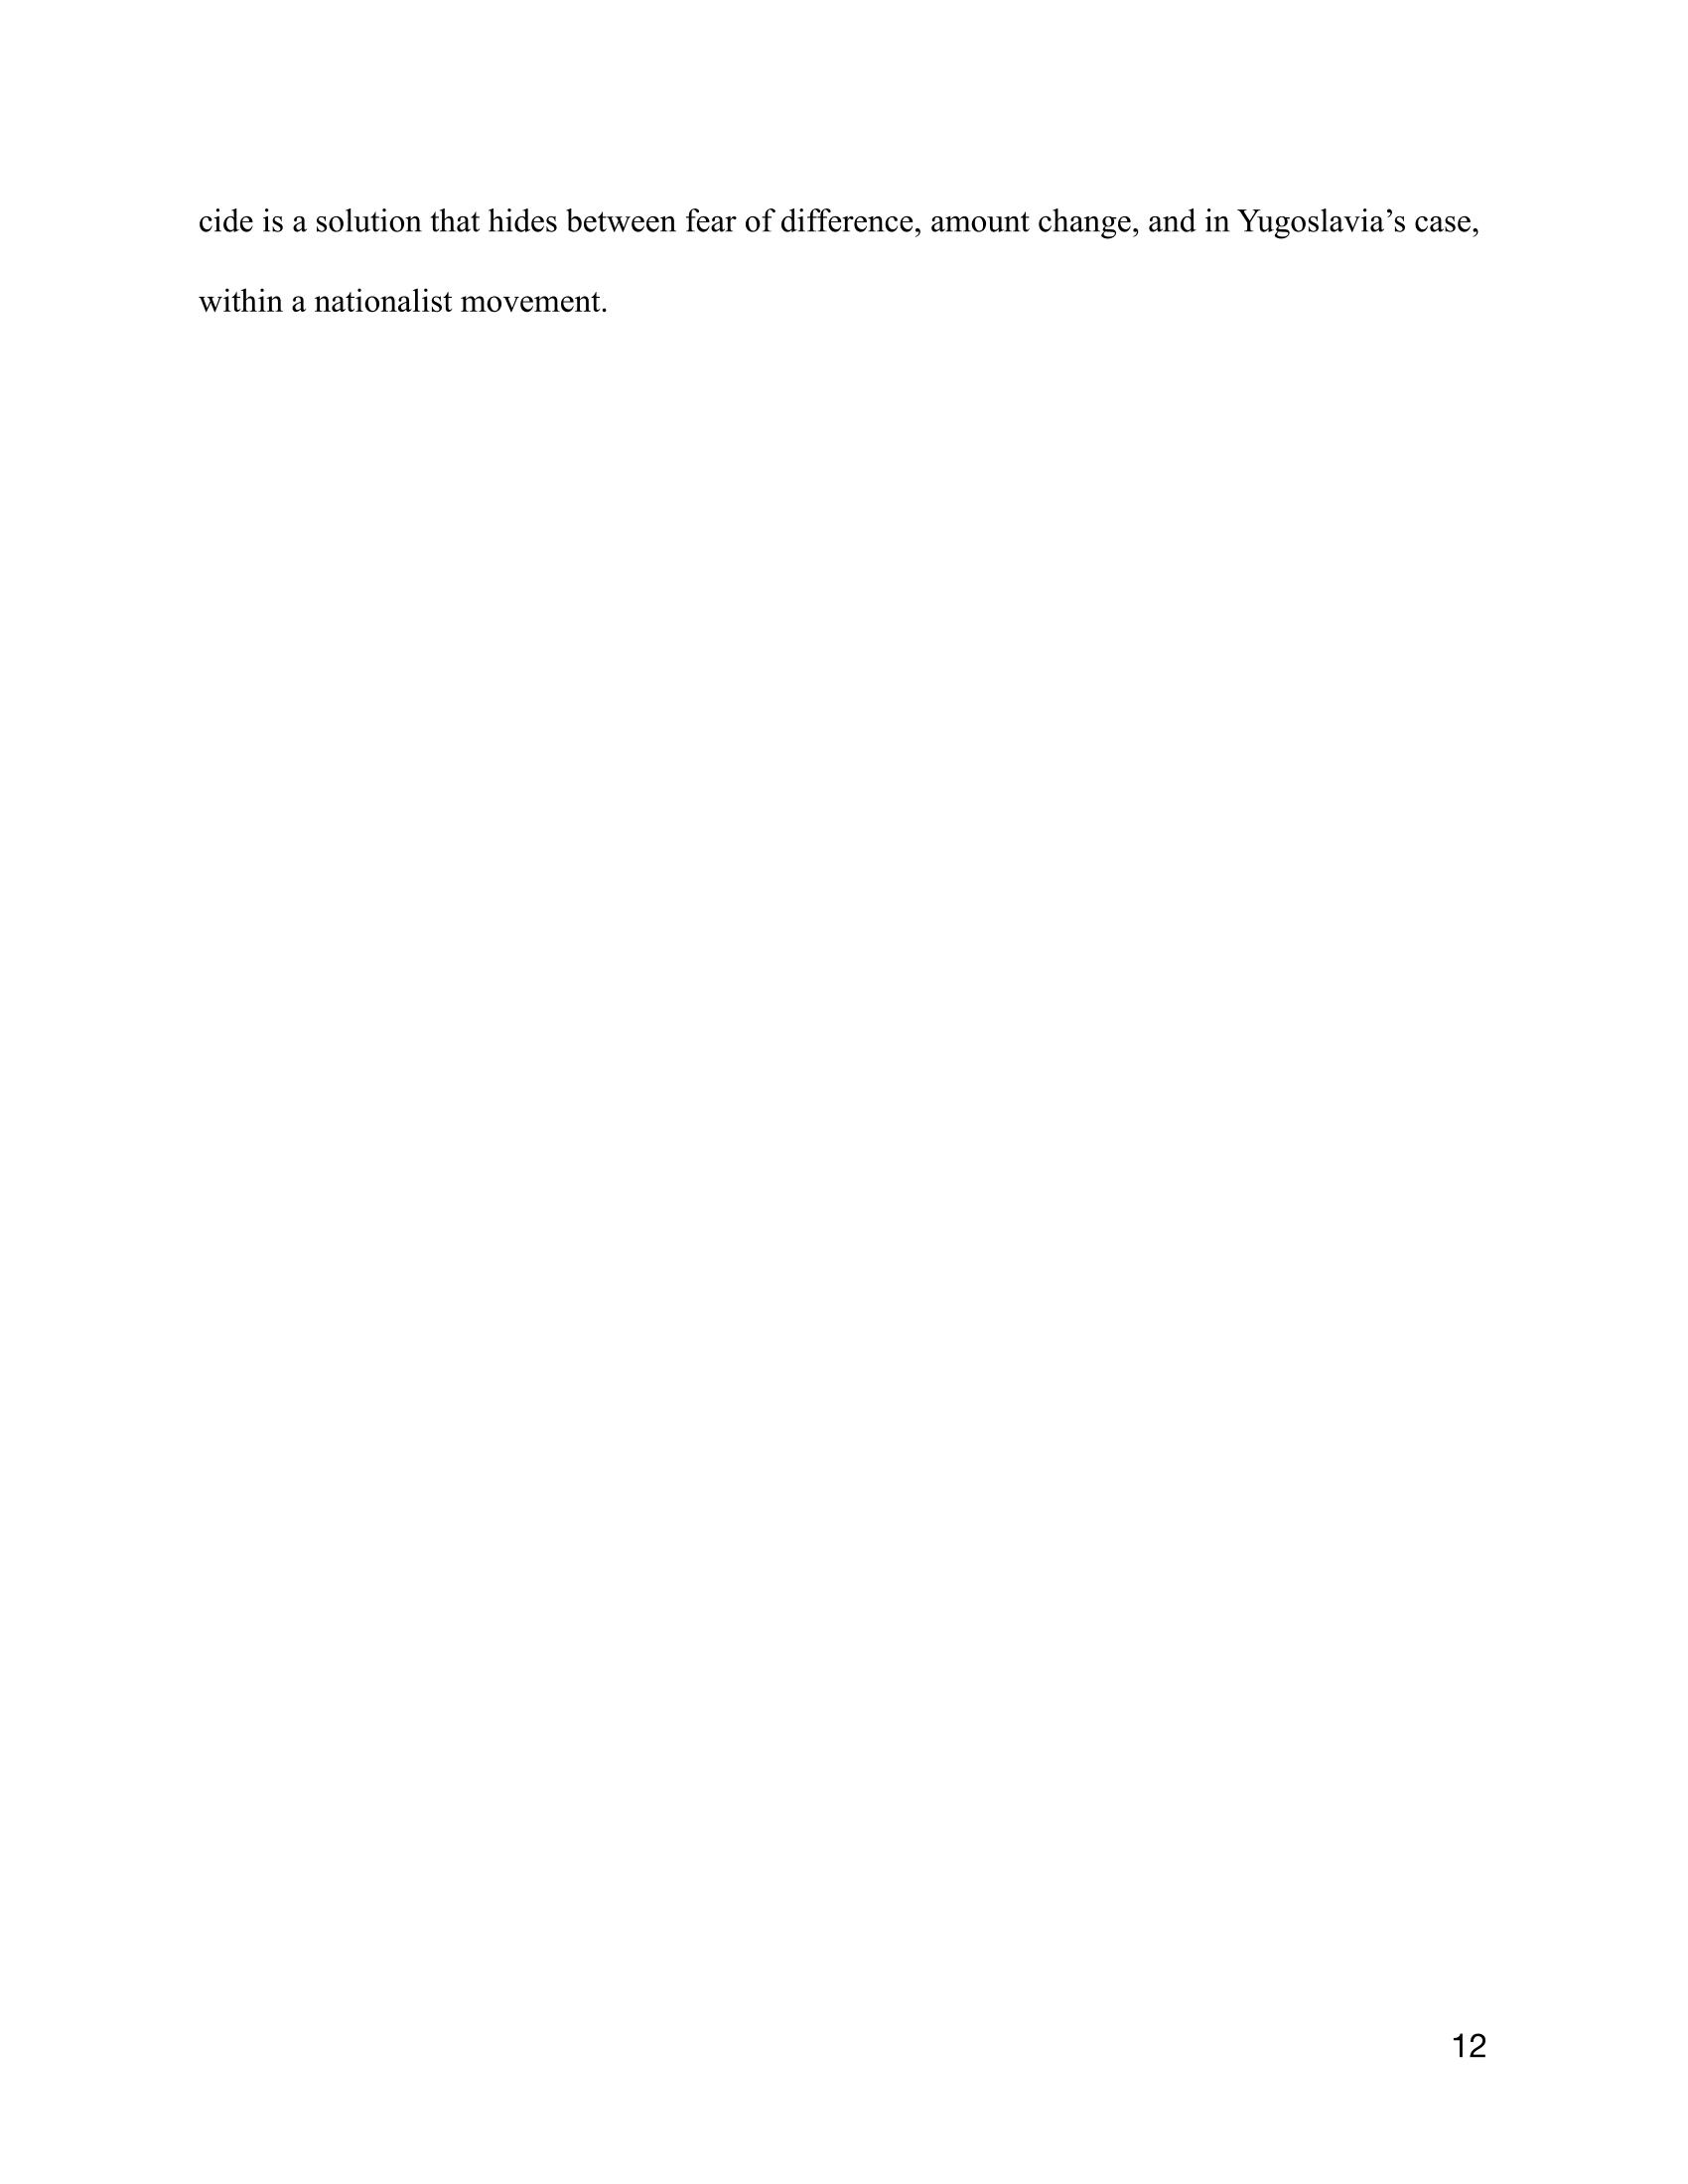 Yugoslavia_Final-Draft_Milner_pdf-12.png